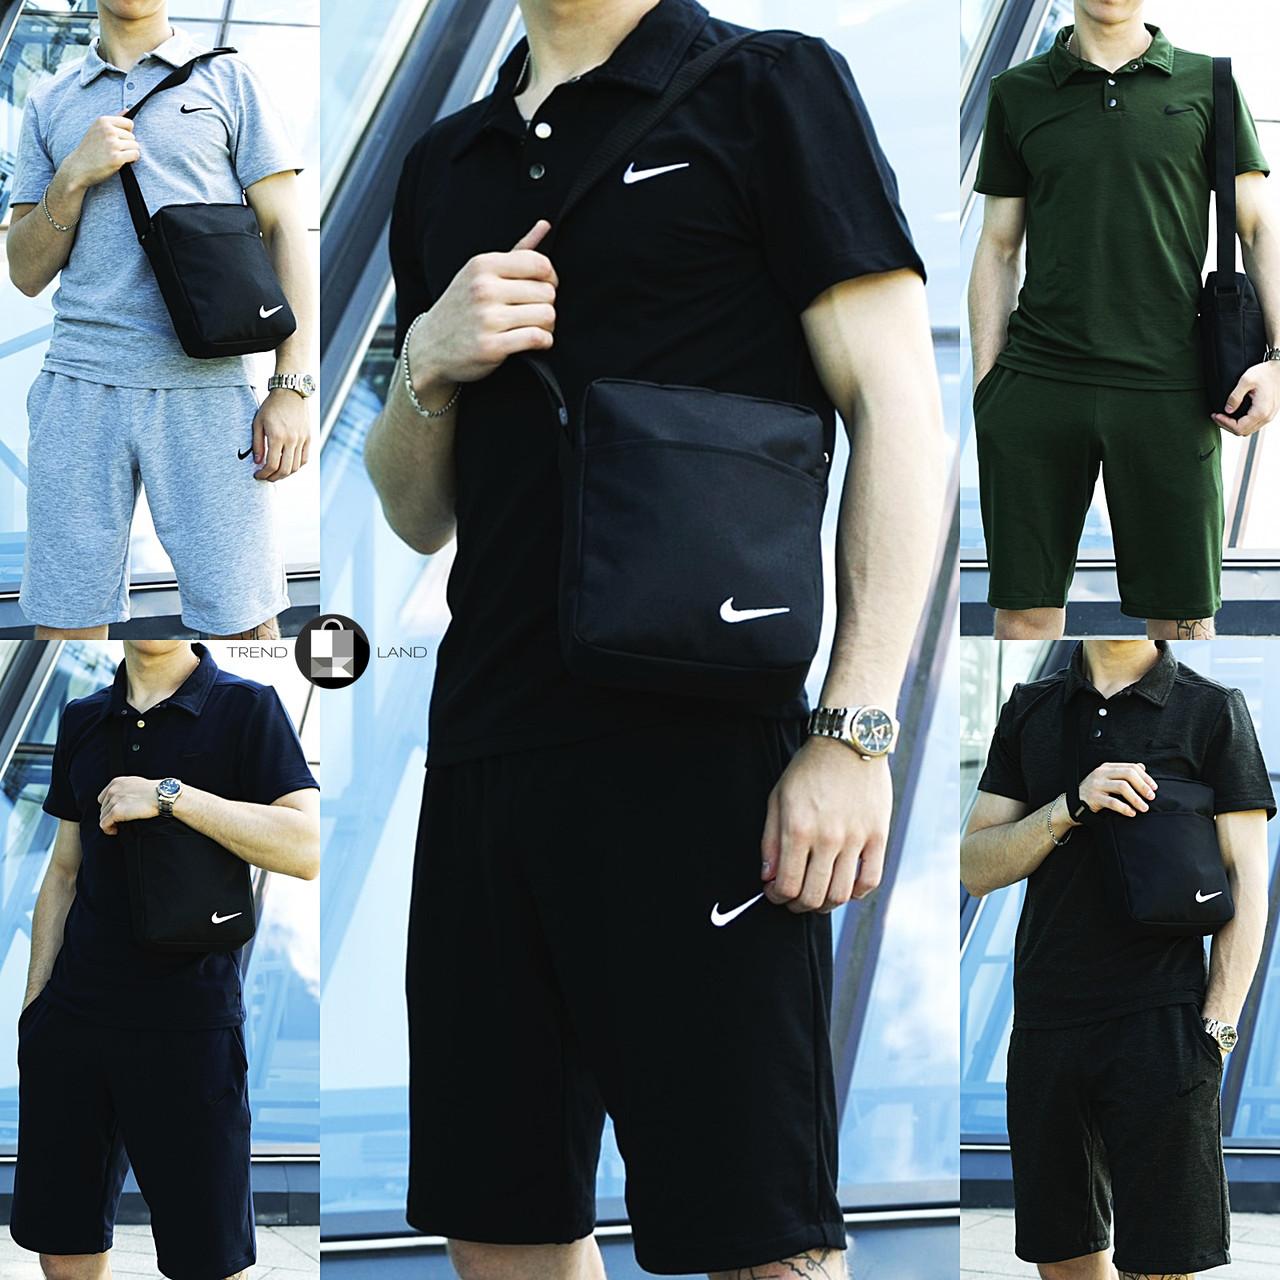 Чоловічий спортивний комплект (футболка+шорти) в стилі Nike 4 кольори + Барсетка у подарунок!